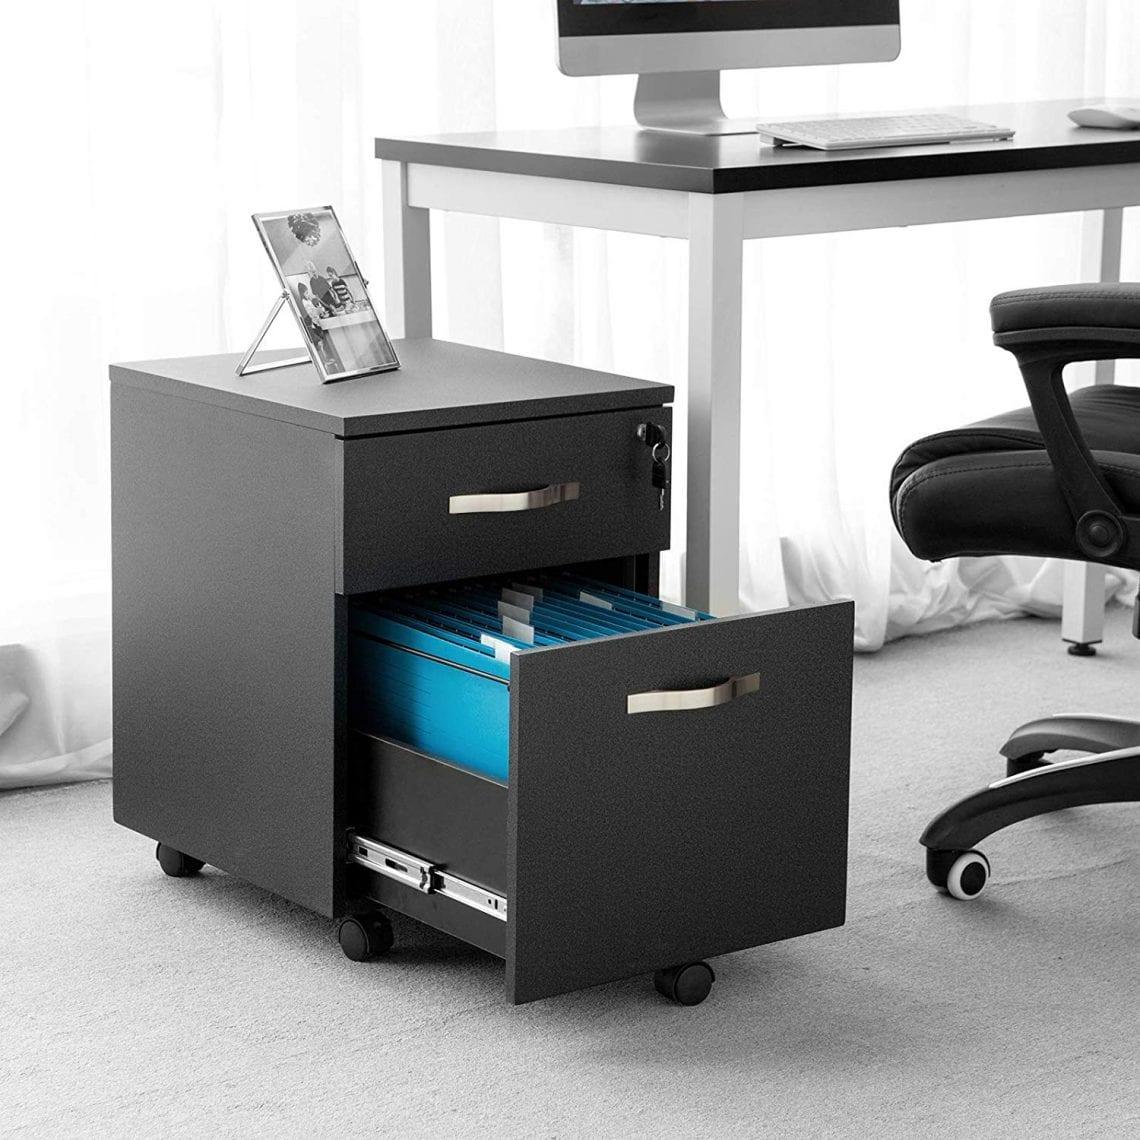 Bureau Informatique Petit Espace comment choisir son caisson de bureau - zone led